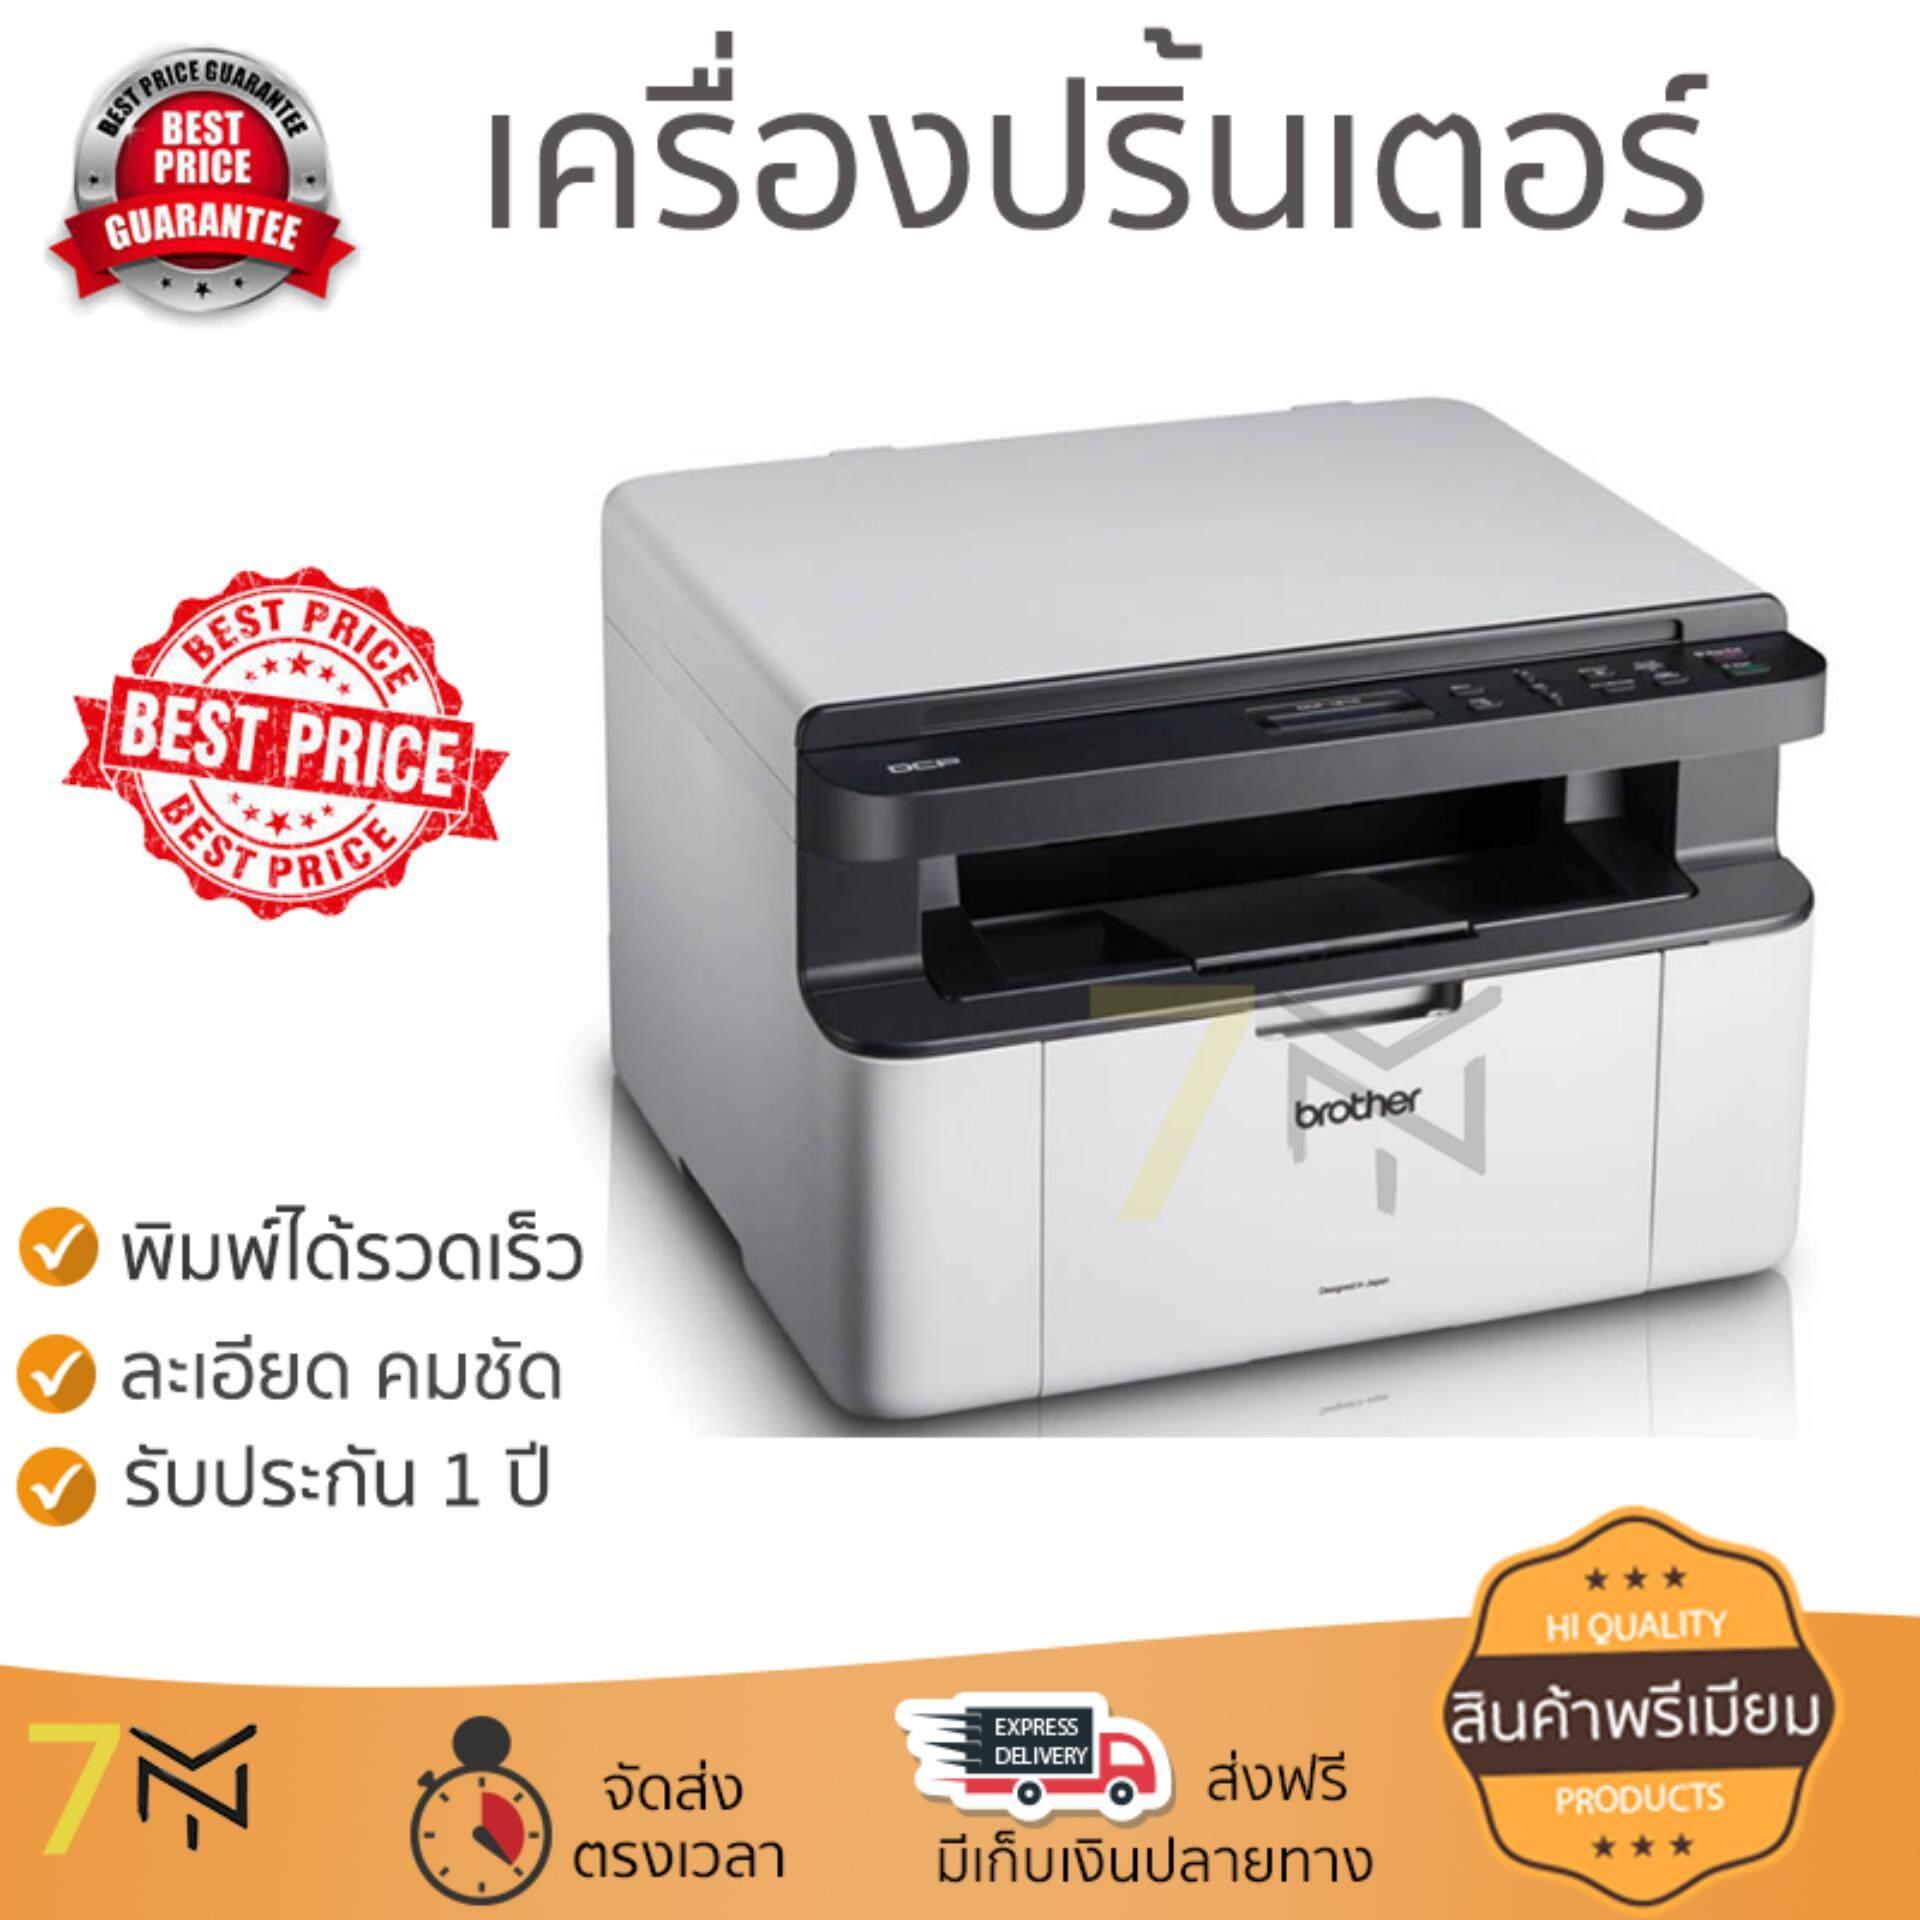 ขายดีมาก! โปรโมชัน เครื่องพิมพ์           BROTHER ปริ้นเตอร์ รุ่น MULTI LS3IN1 DCP-1510             ความละเอียดสูง คมชัด ประหยัดหมึก เครื่องปริ้น เครื่องปริ้นท์ All in one Printer รับประกันสินค้า 1 ปี